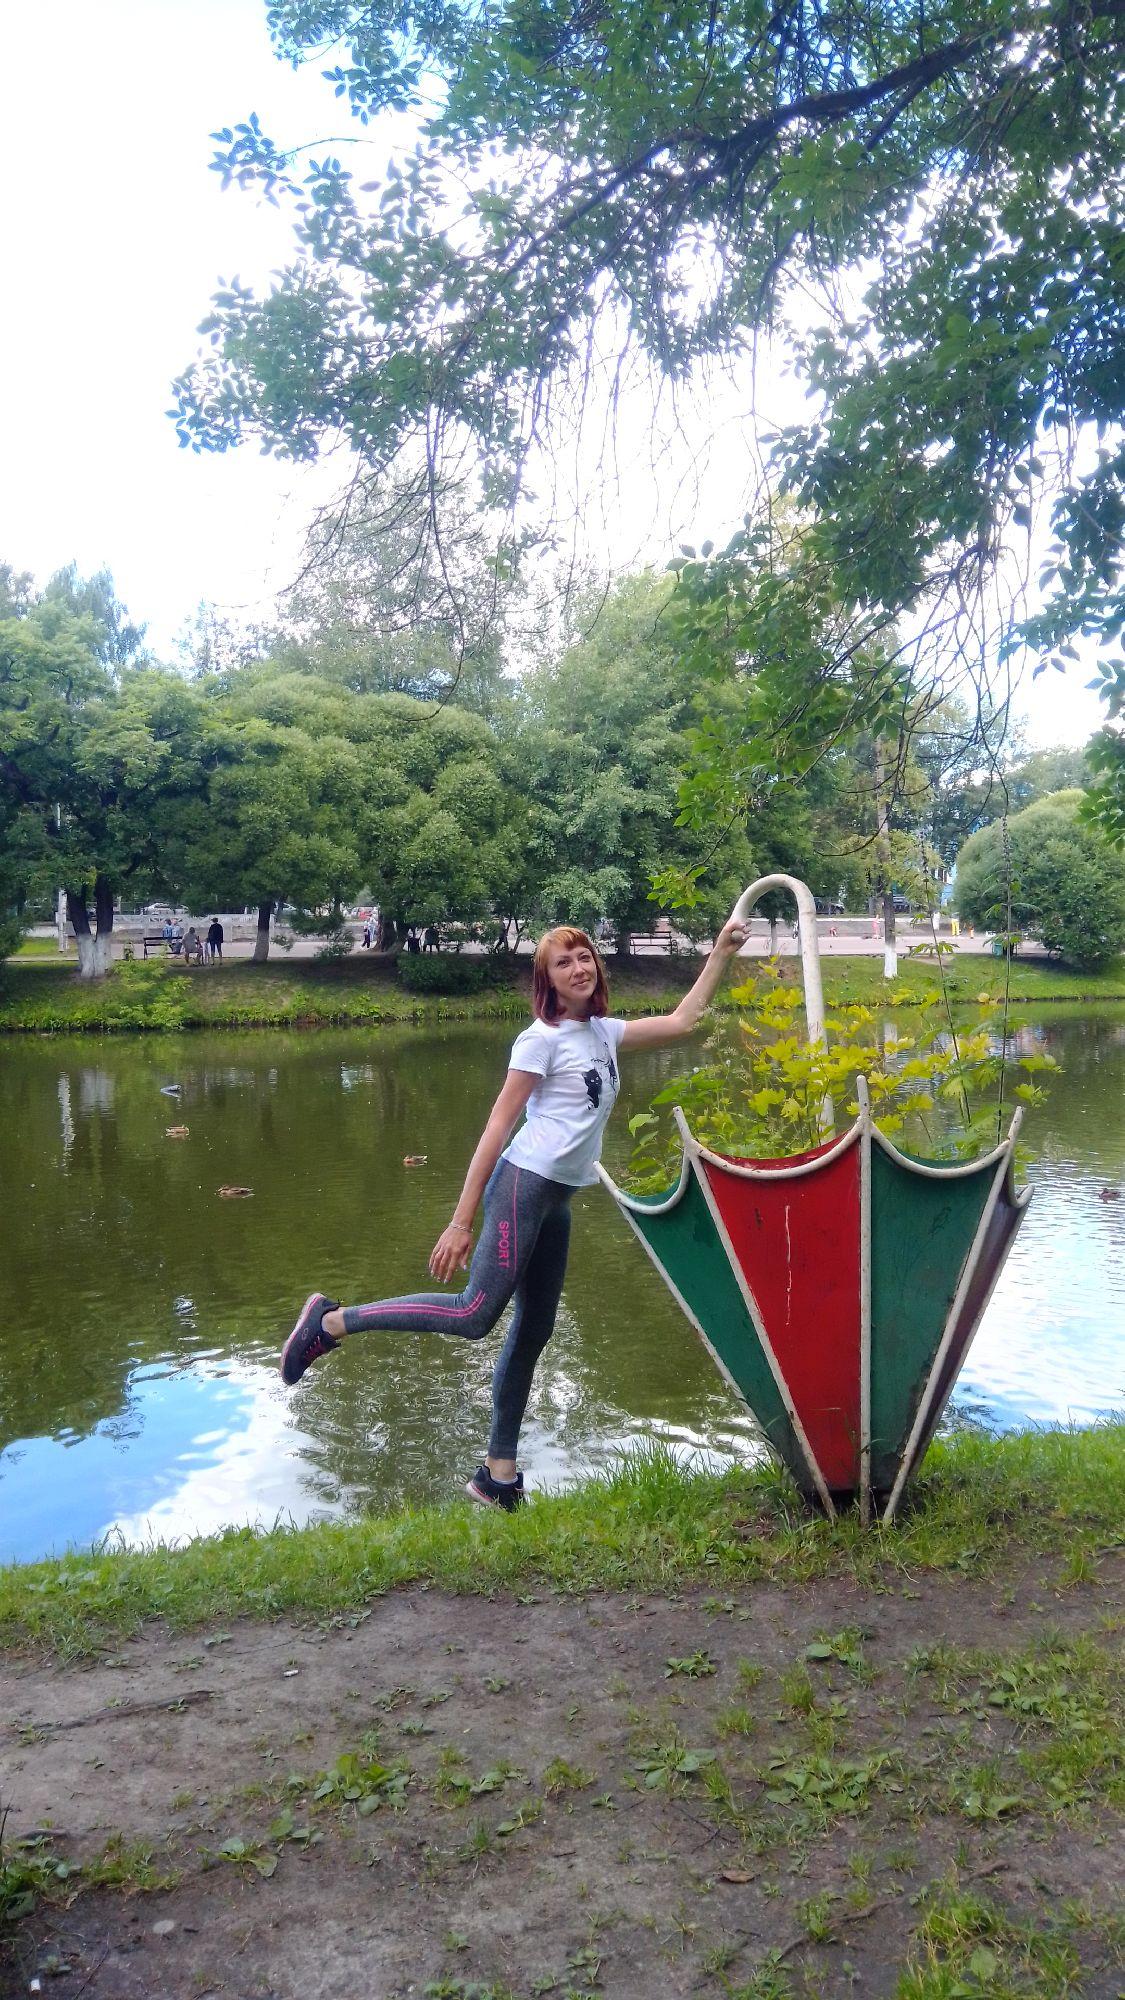 Клумбы-зонтики вокруг пруда